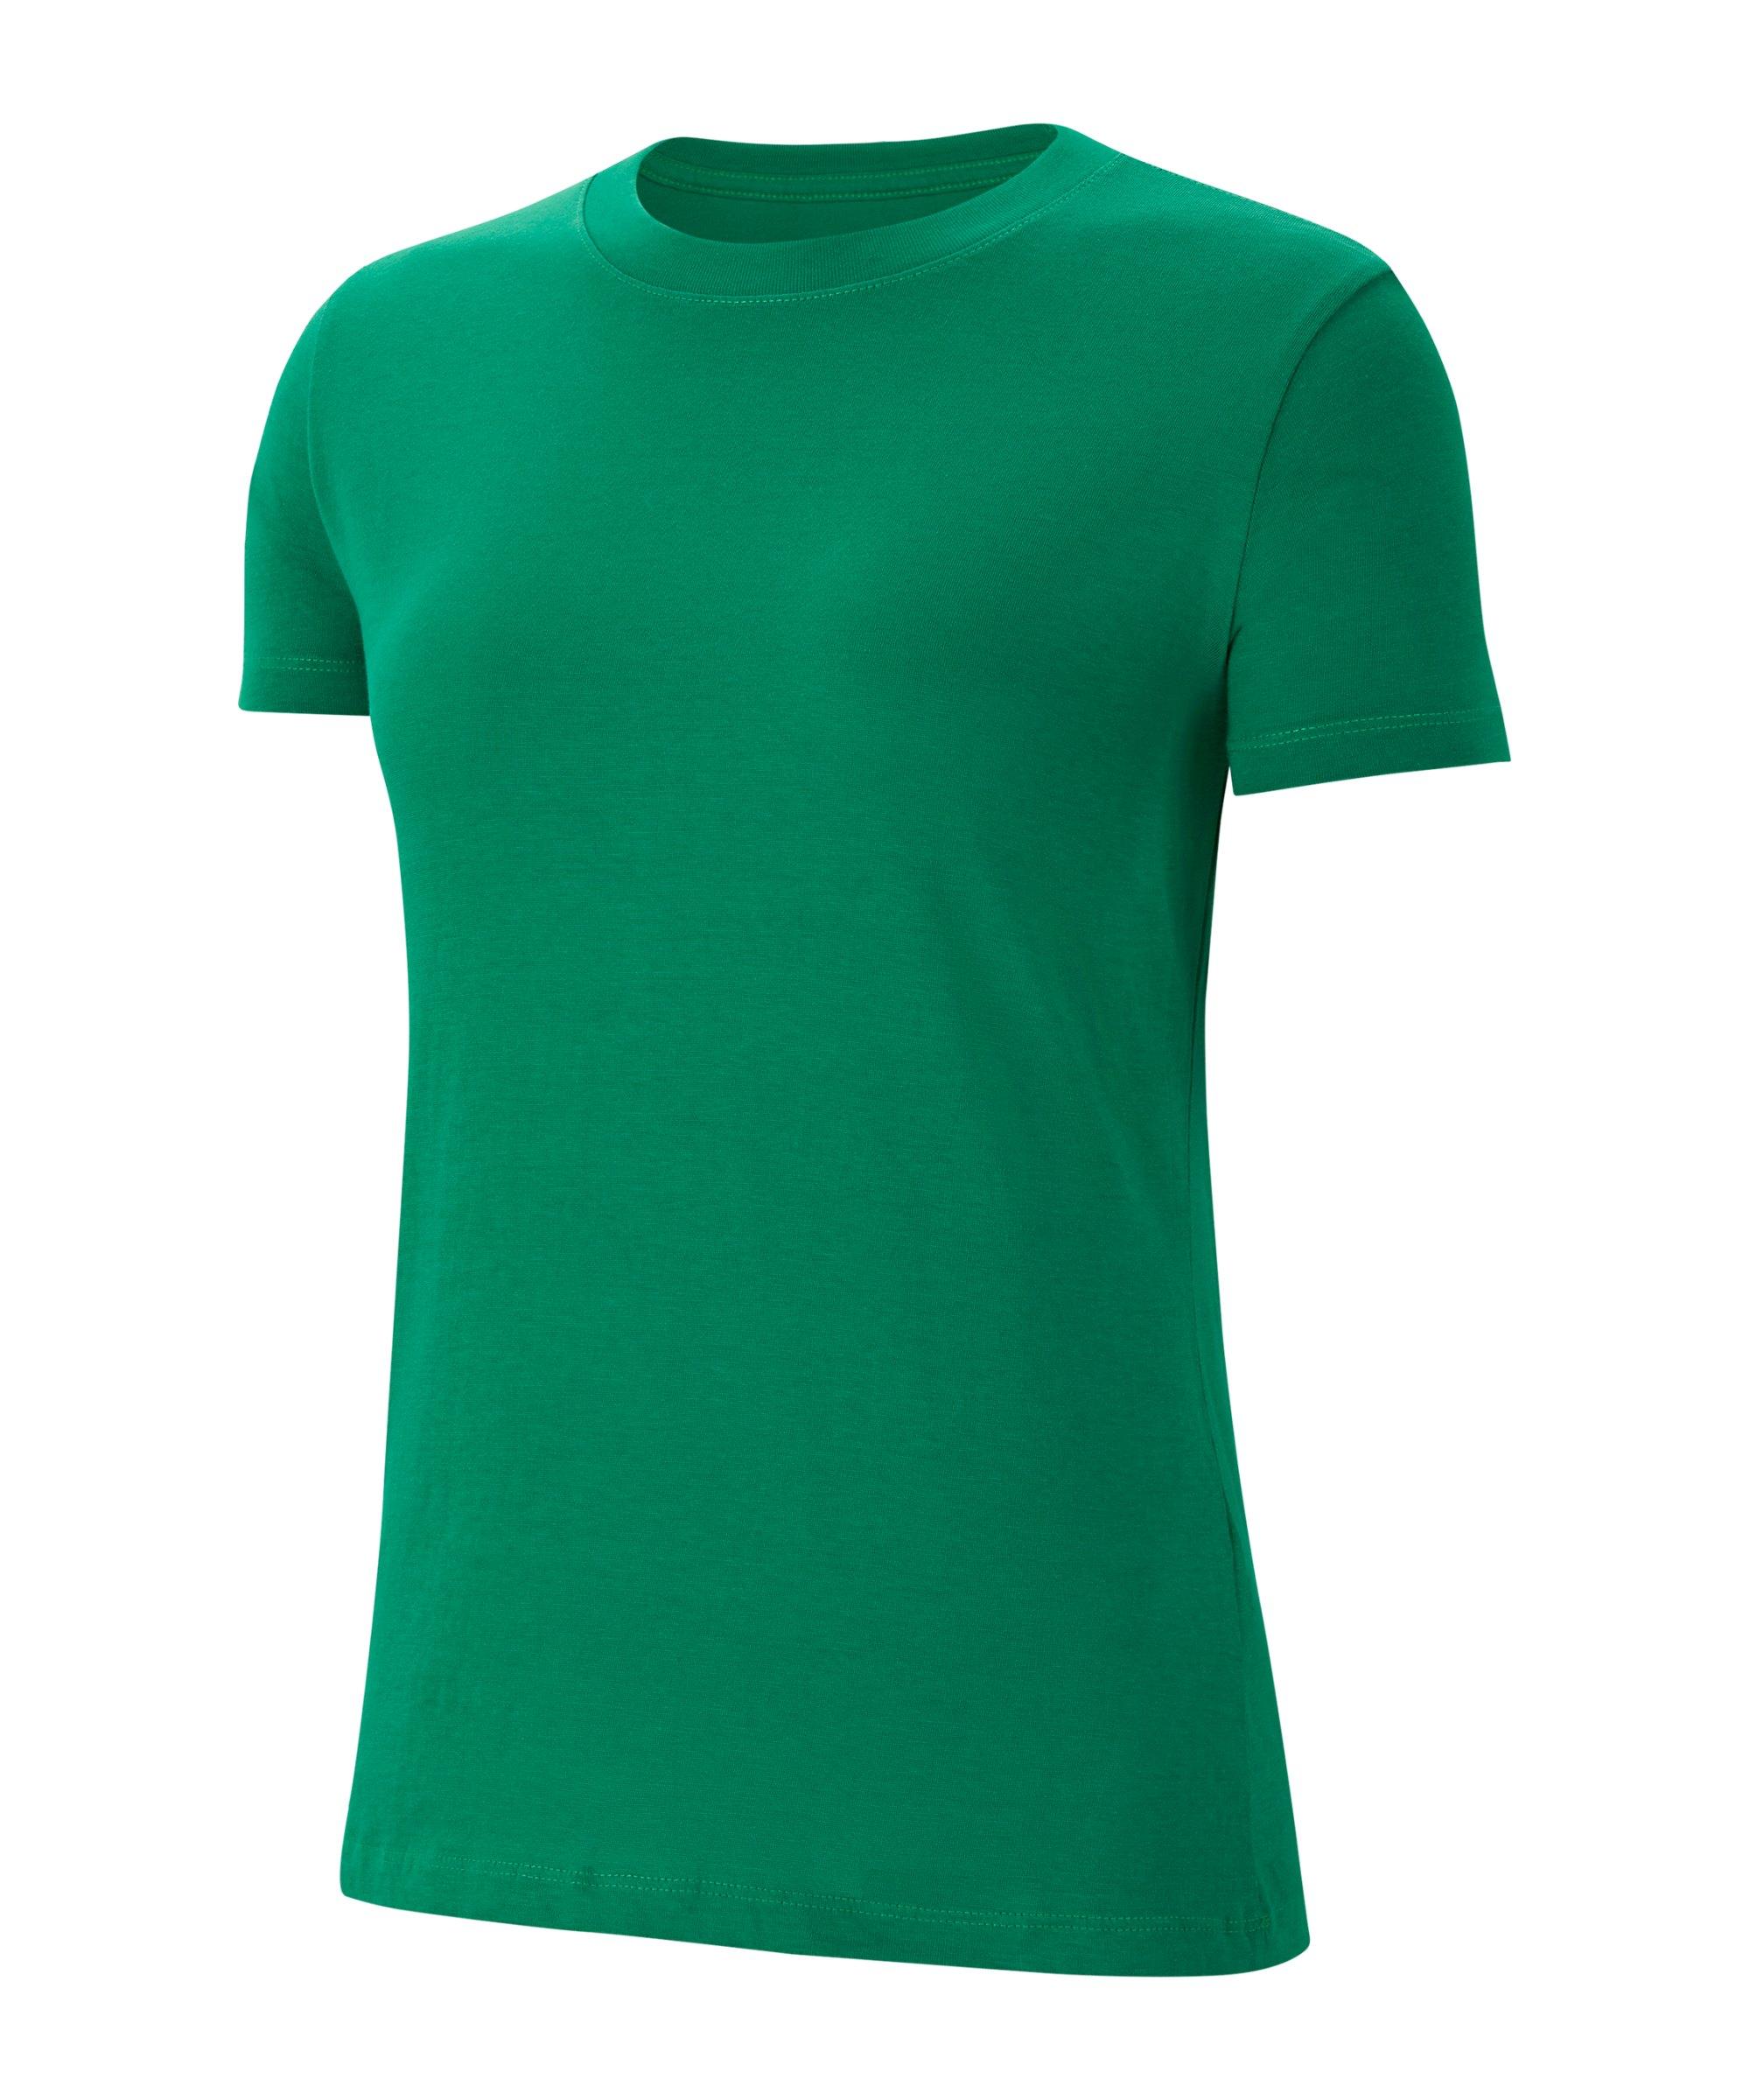 Nike Park 20 T-Shirt Damen Grün Weiss F302 - gruen